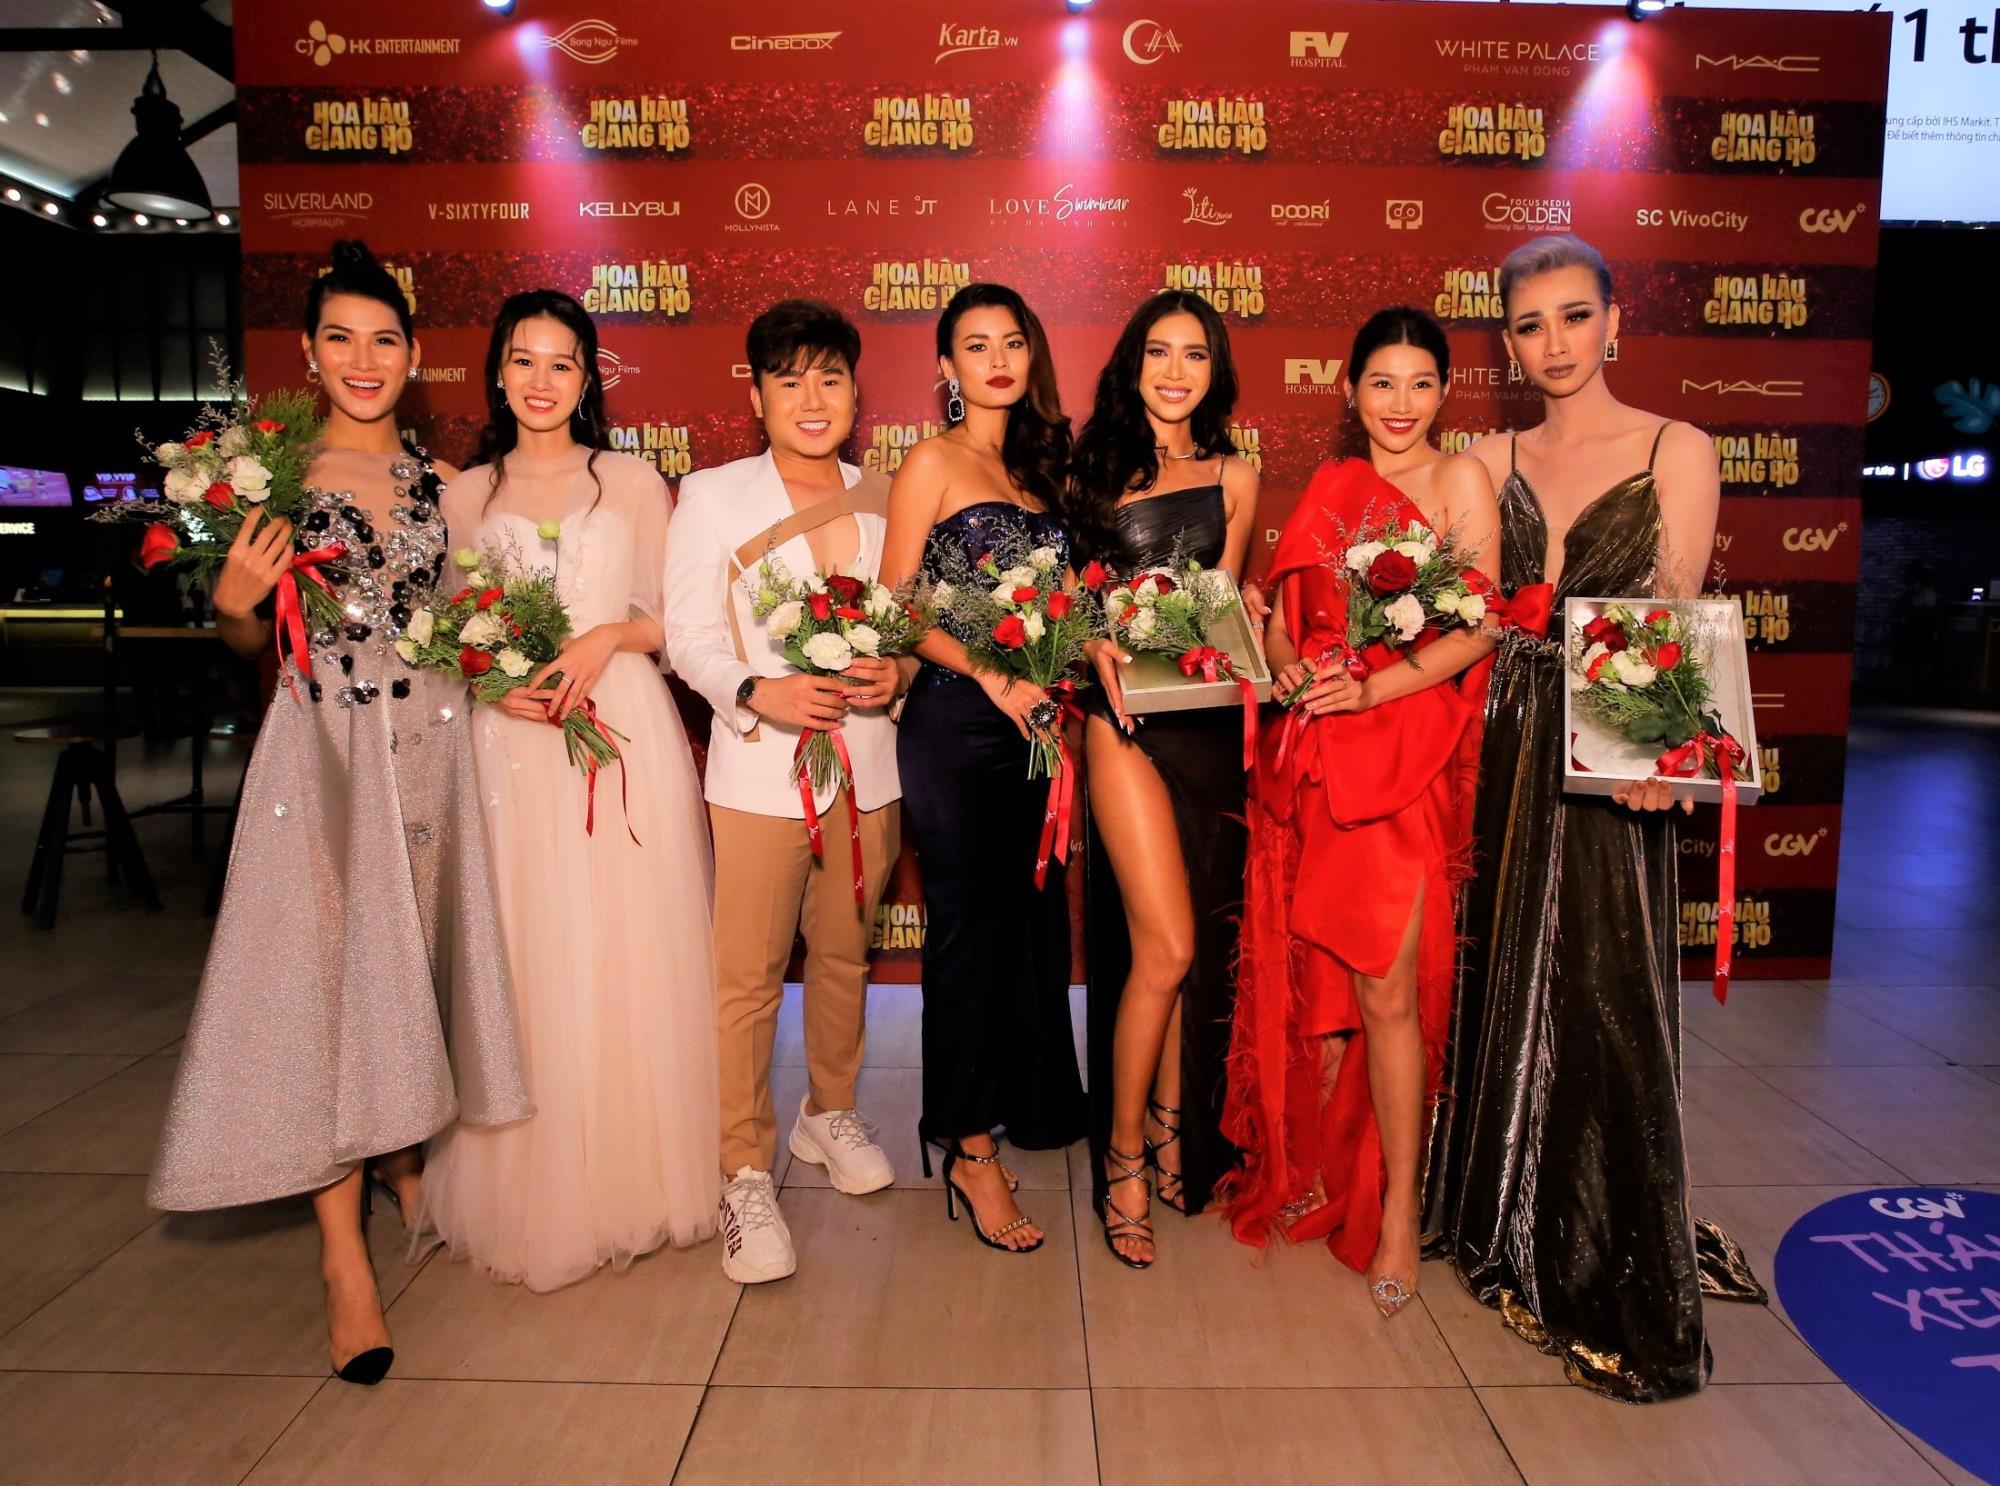 Tăng Thanh Hà và Thanh Hằng rạng rỡ đến chúc mừng Lương Mạnh Hải ra mắt phim đầu tay - Ảnh 1